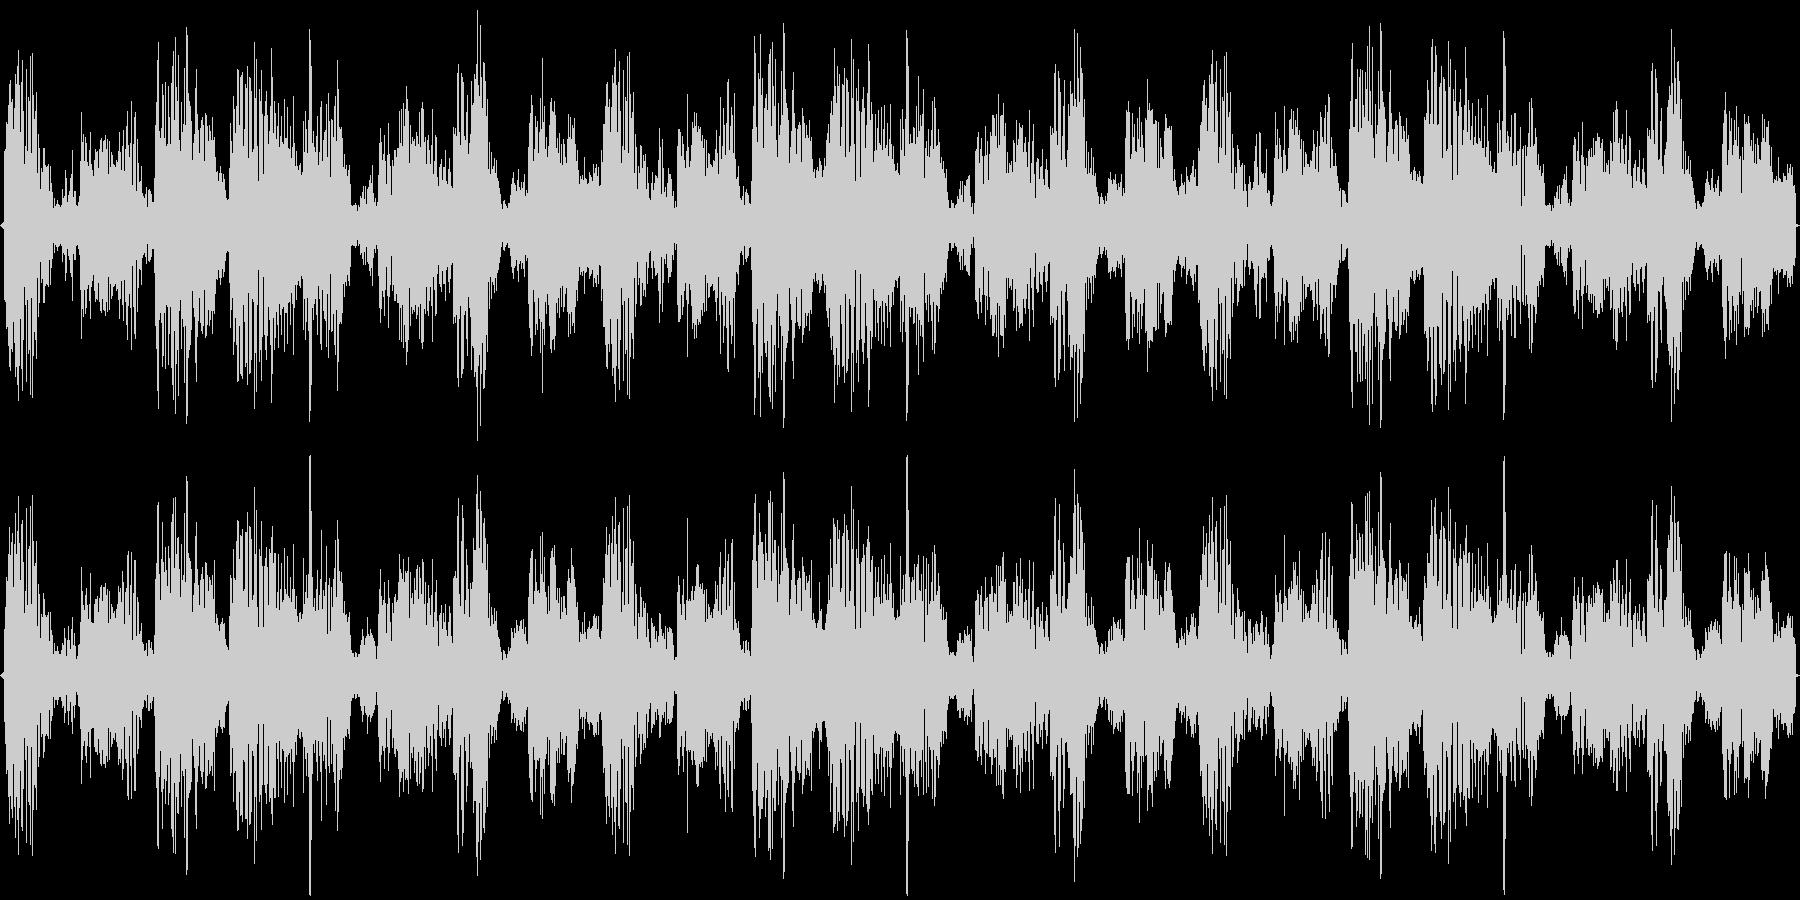 ダンスナンバーのハウストラックの未再生の波形